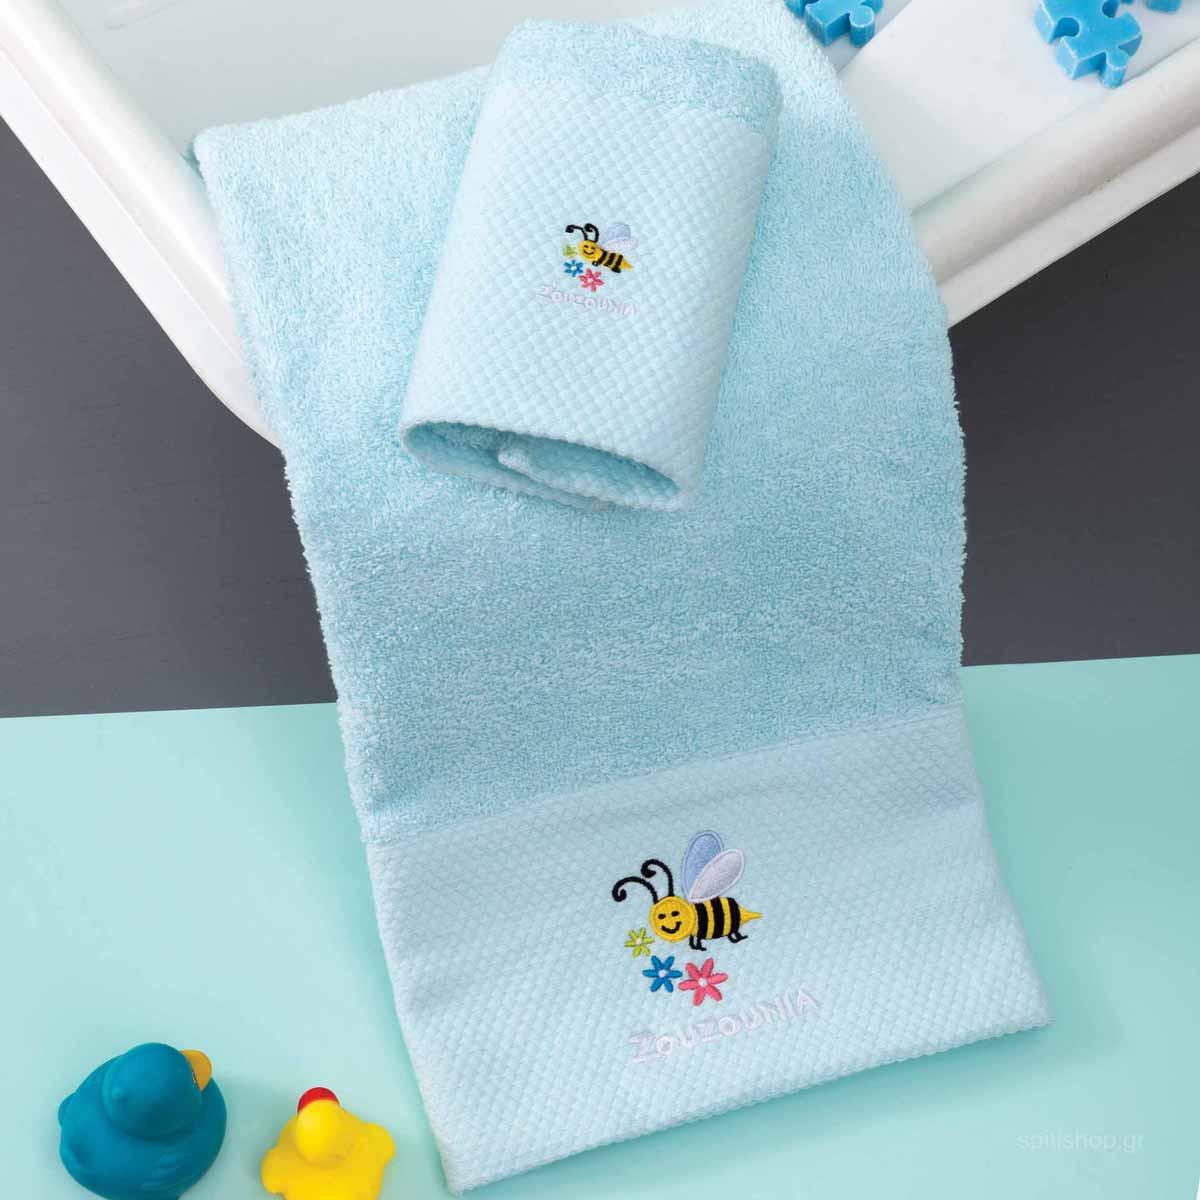 Βρεφικές Πετσέτες (Σετ 2τμχ) Zouzounia Μέλισσα 244